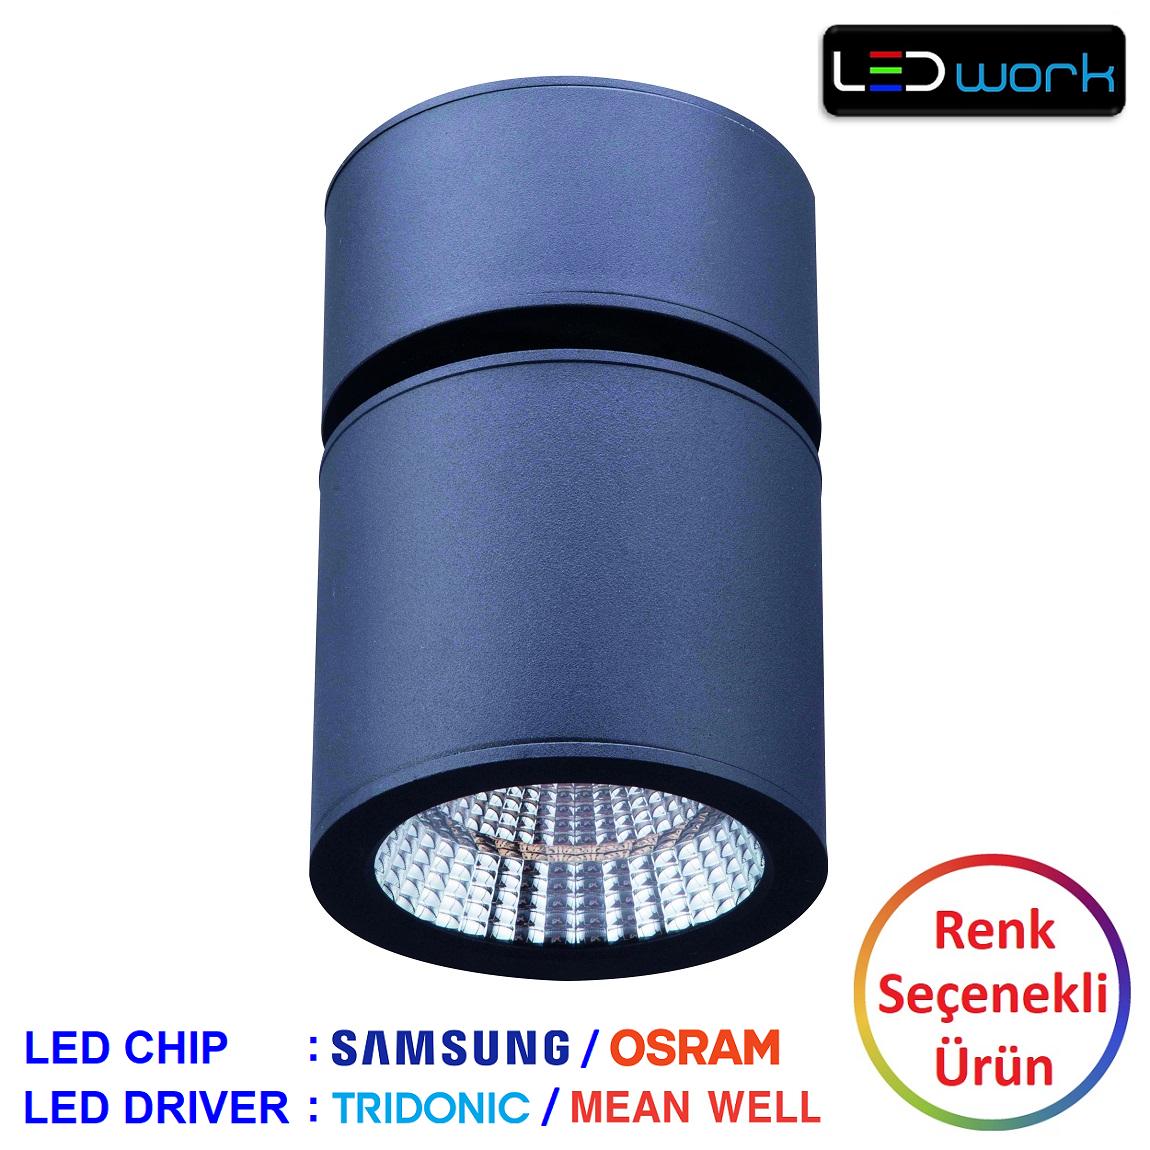 LW-Roba-003 - Sıva Üstü LED Spot